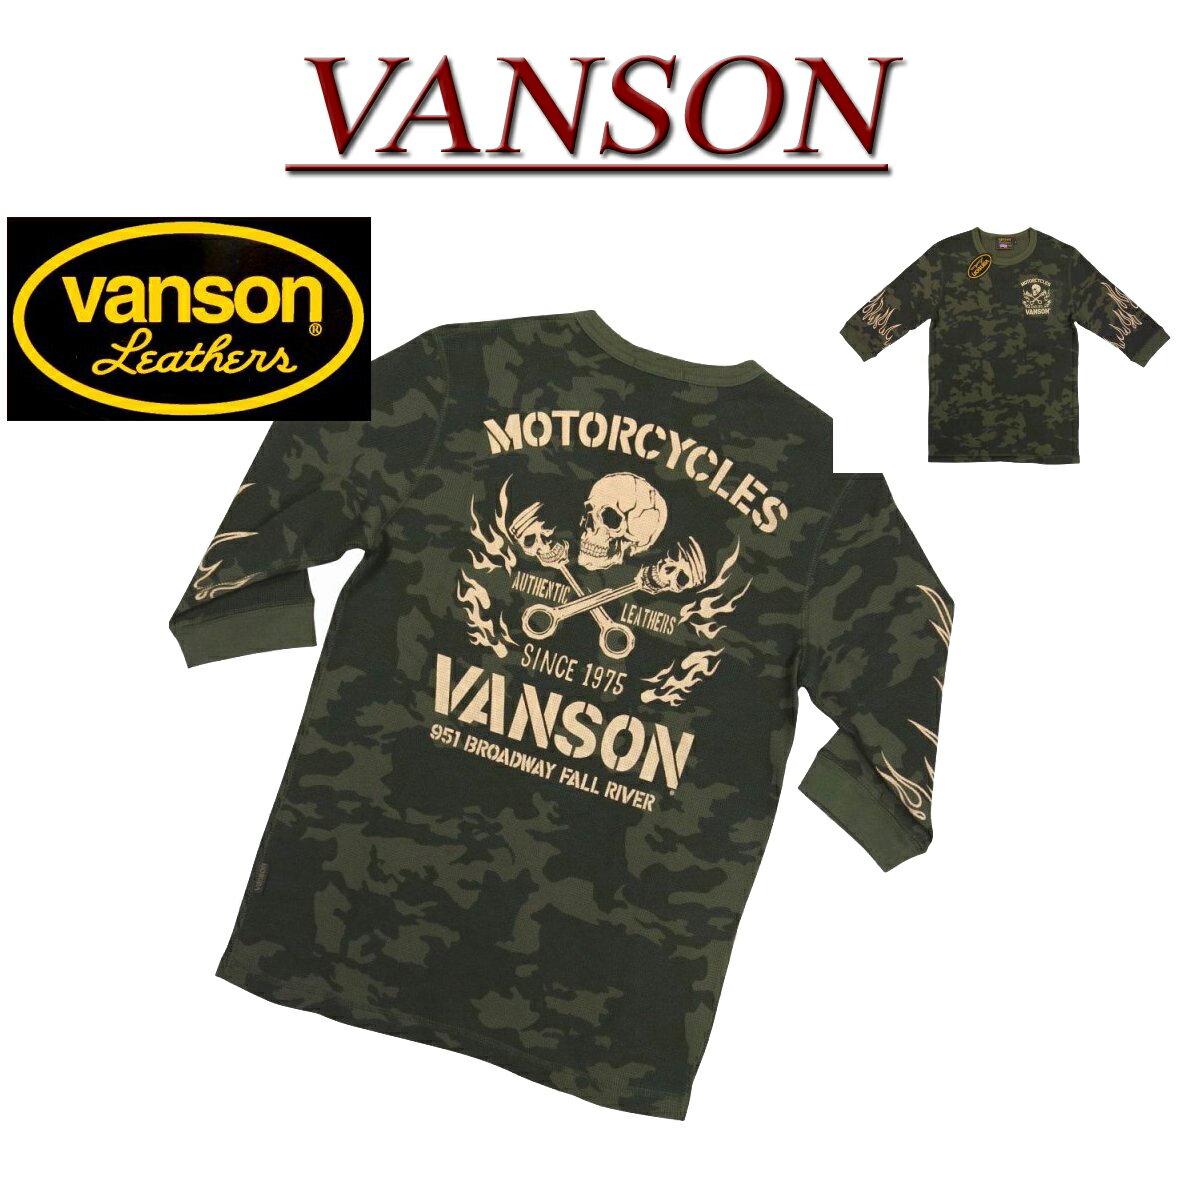 【5サイズ】 nz242 新品 VANSON スカル クロスピストン プリントカモフラージュ 6分袖 サーマル Tシャツ NVLT-607 メンズ バンソン SKULL CROSS PISTON FIRE THERMAL T-SHIRT 半袖 ドクロ 迷彩柄 ワッフル ティーシャツ 【smtb-kd】